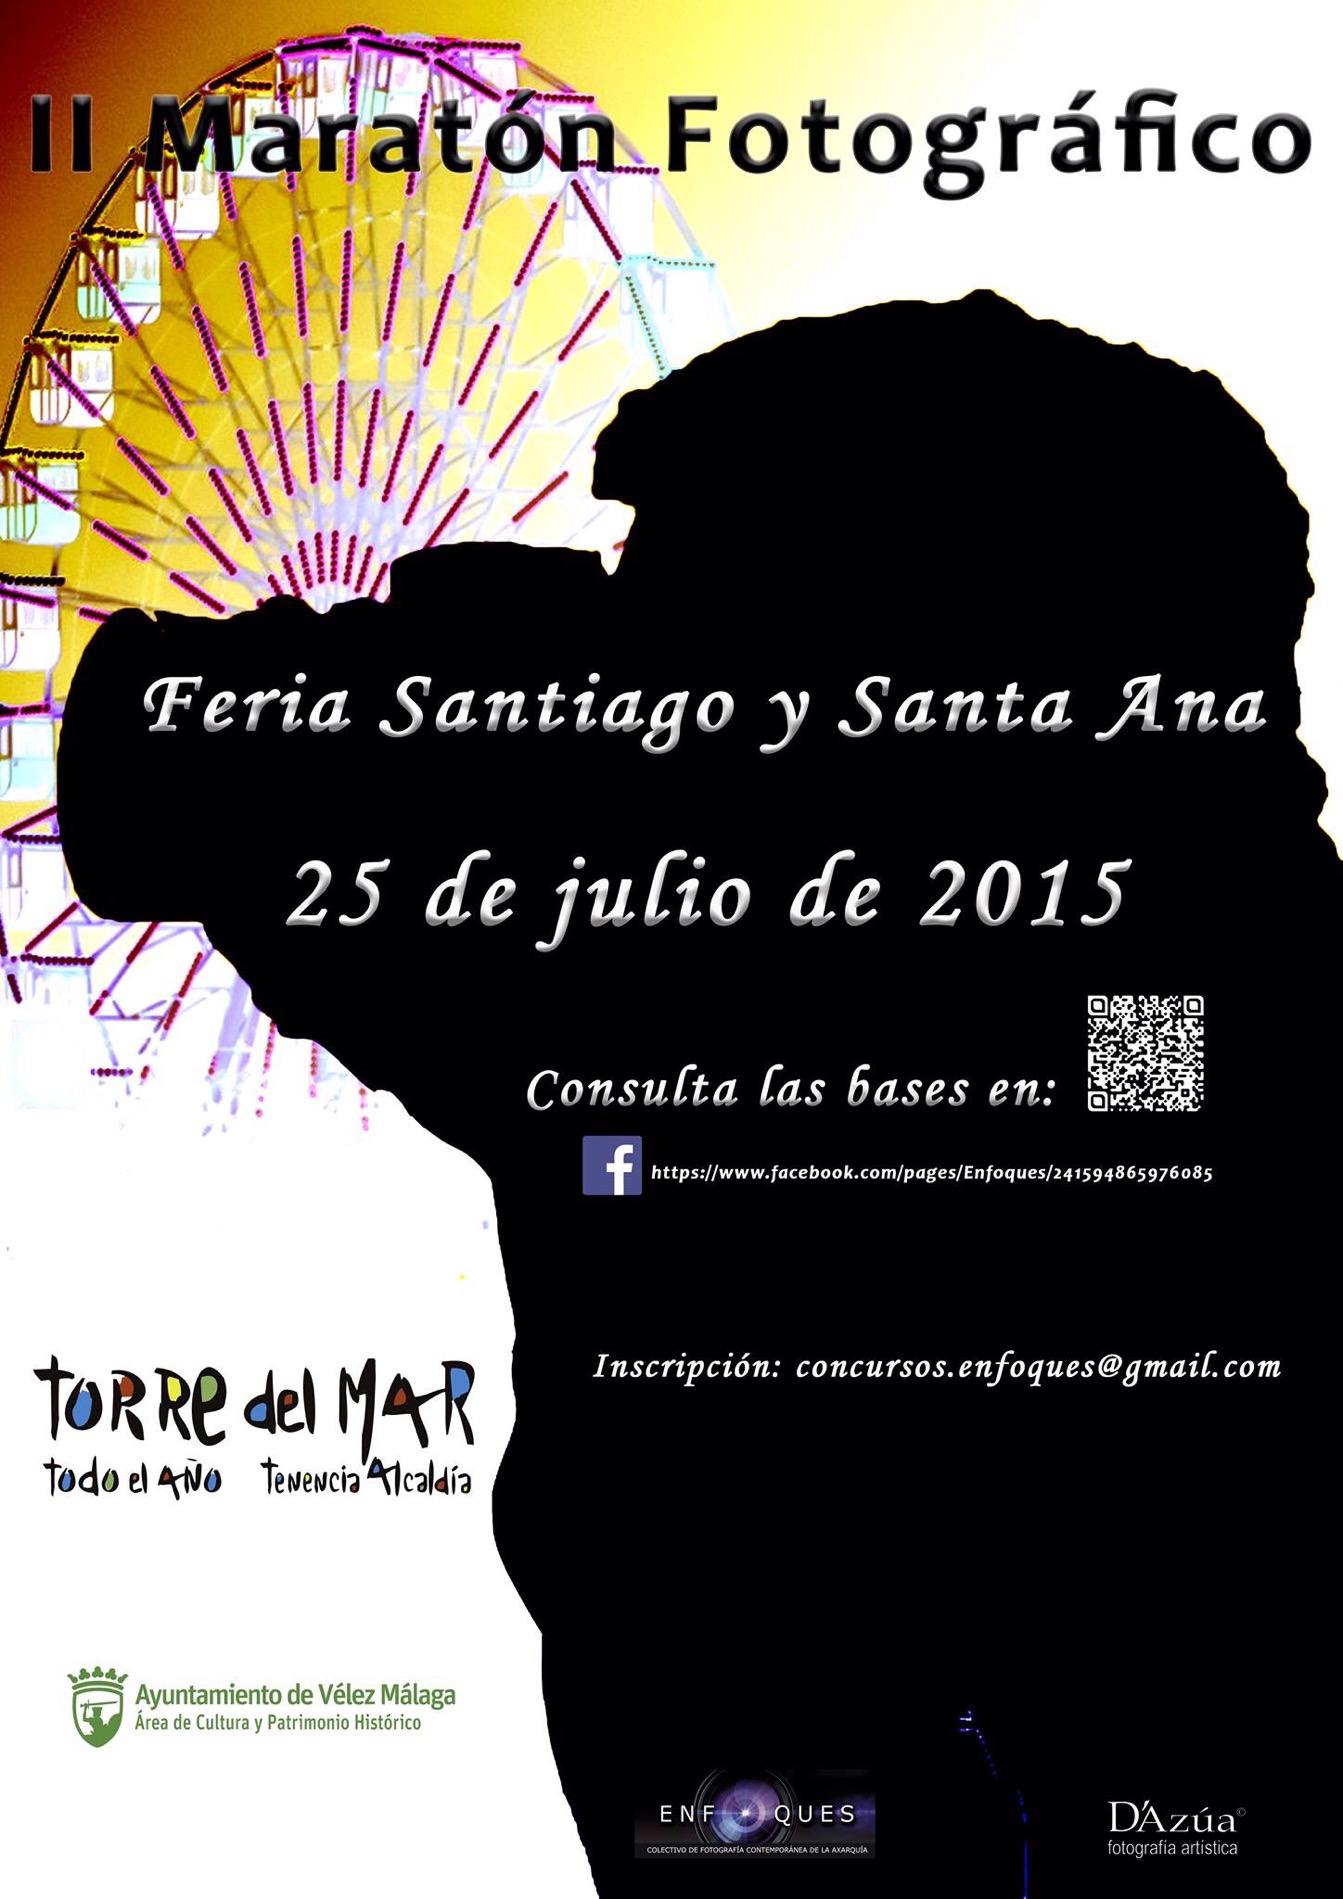 """II  Maratón  Fotográfico  Enfoques  """"Feria  de Santiago  y  Santa  Ana"""""""